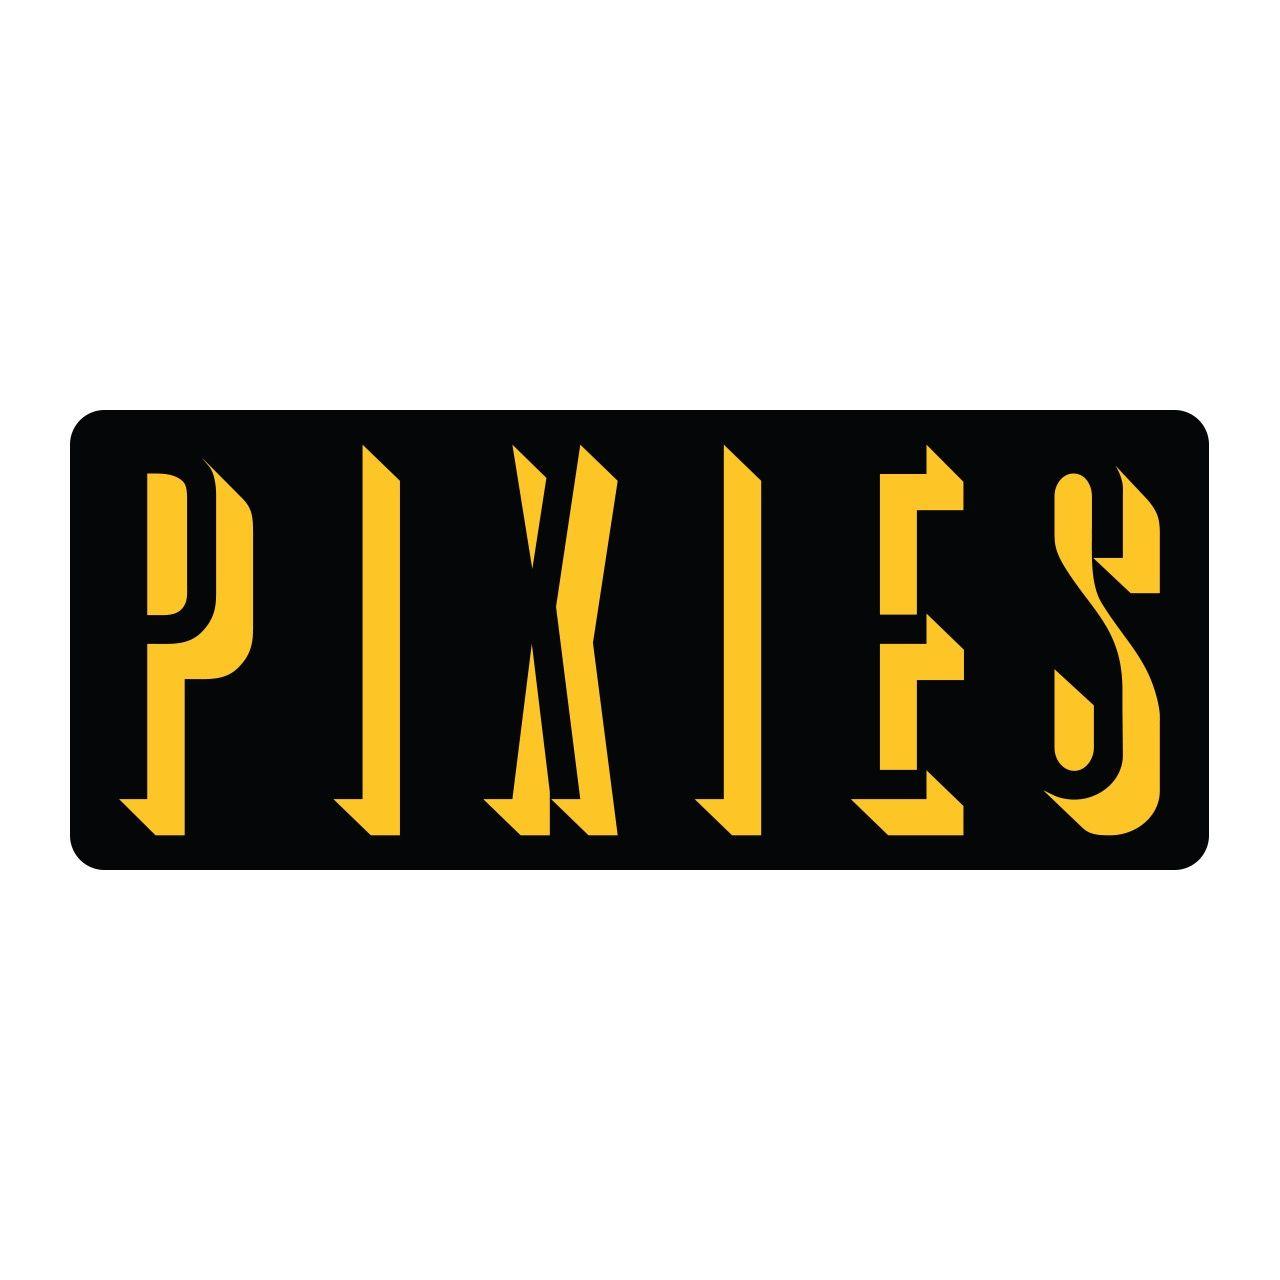 Pixies - Logo [Amarelo]